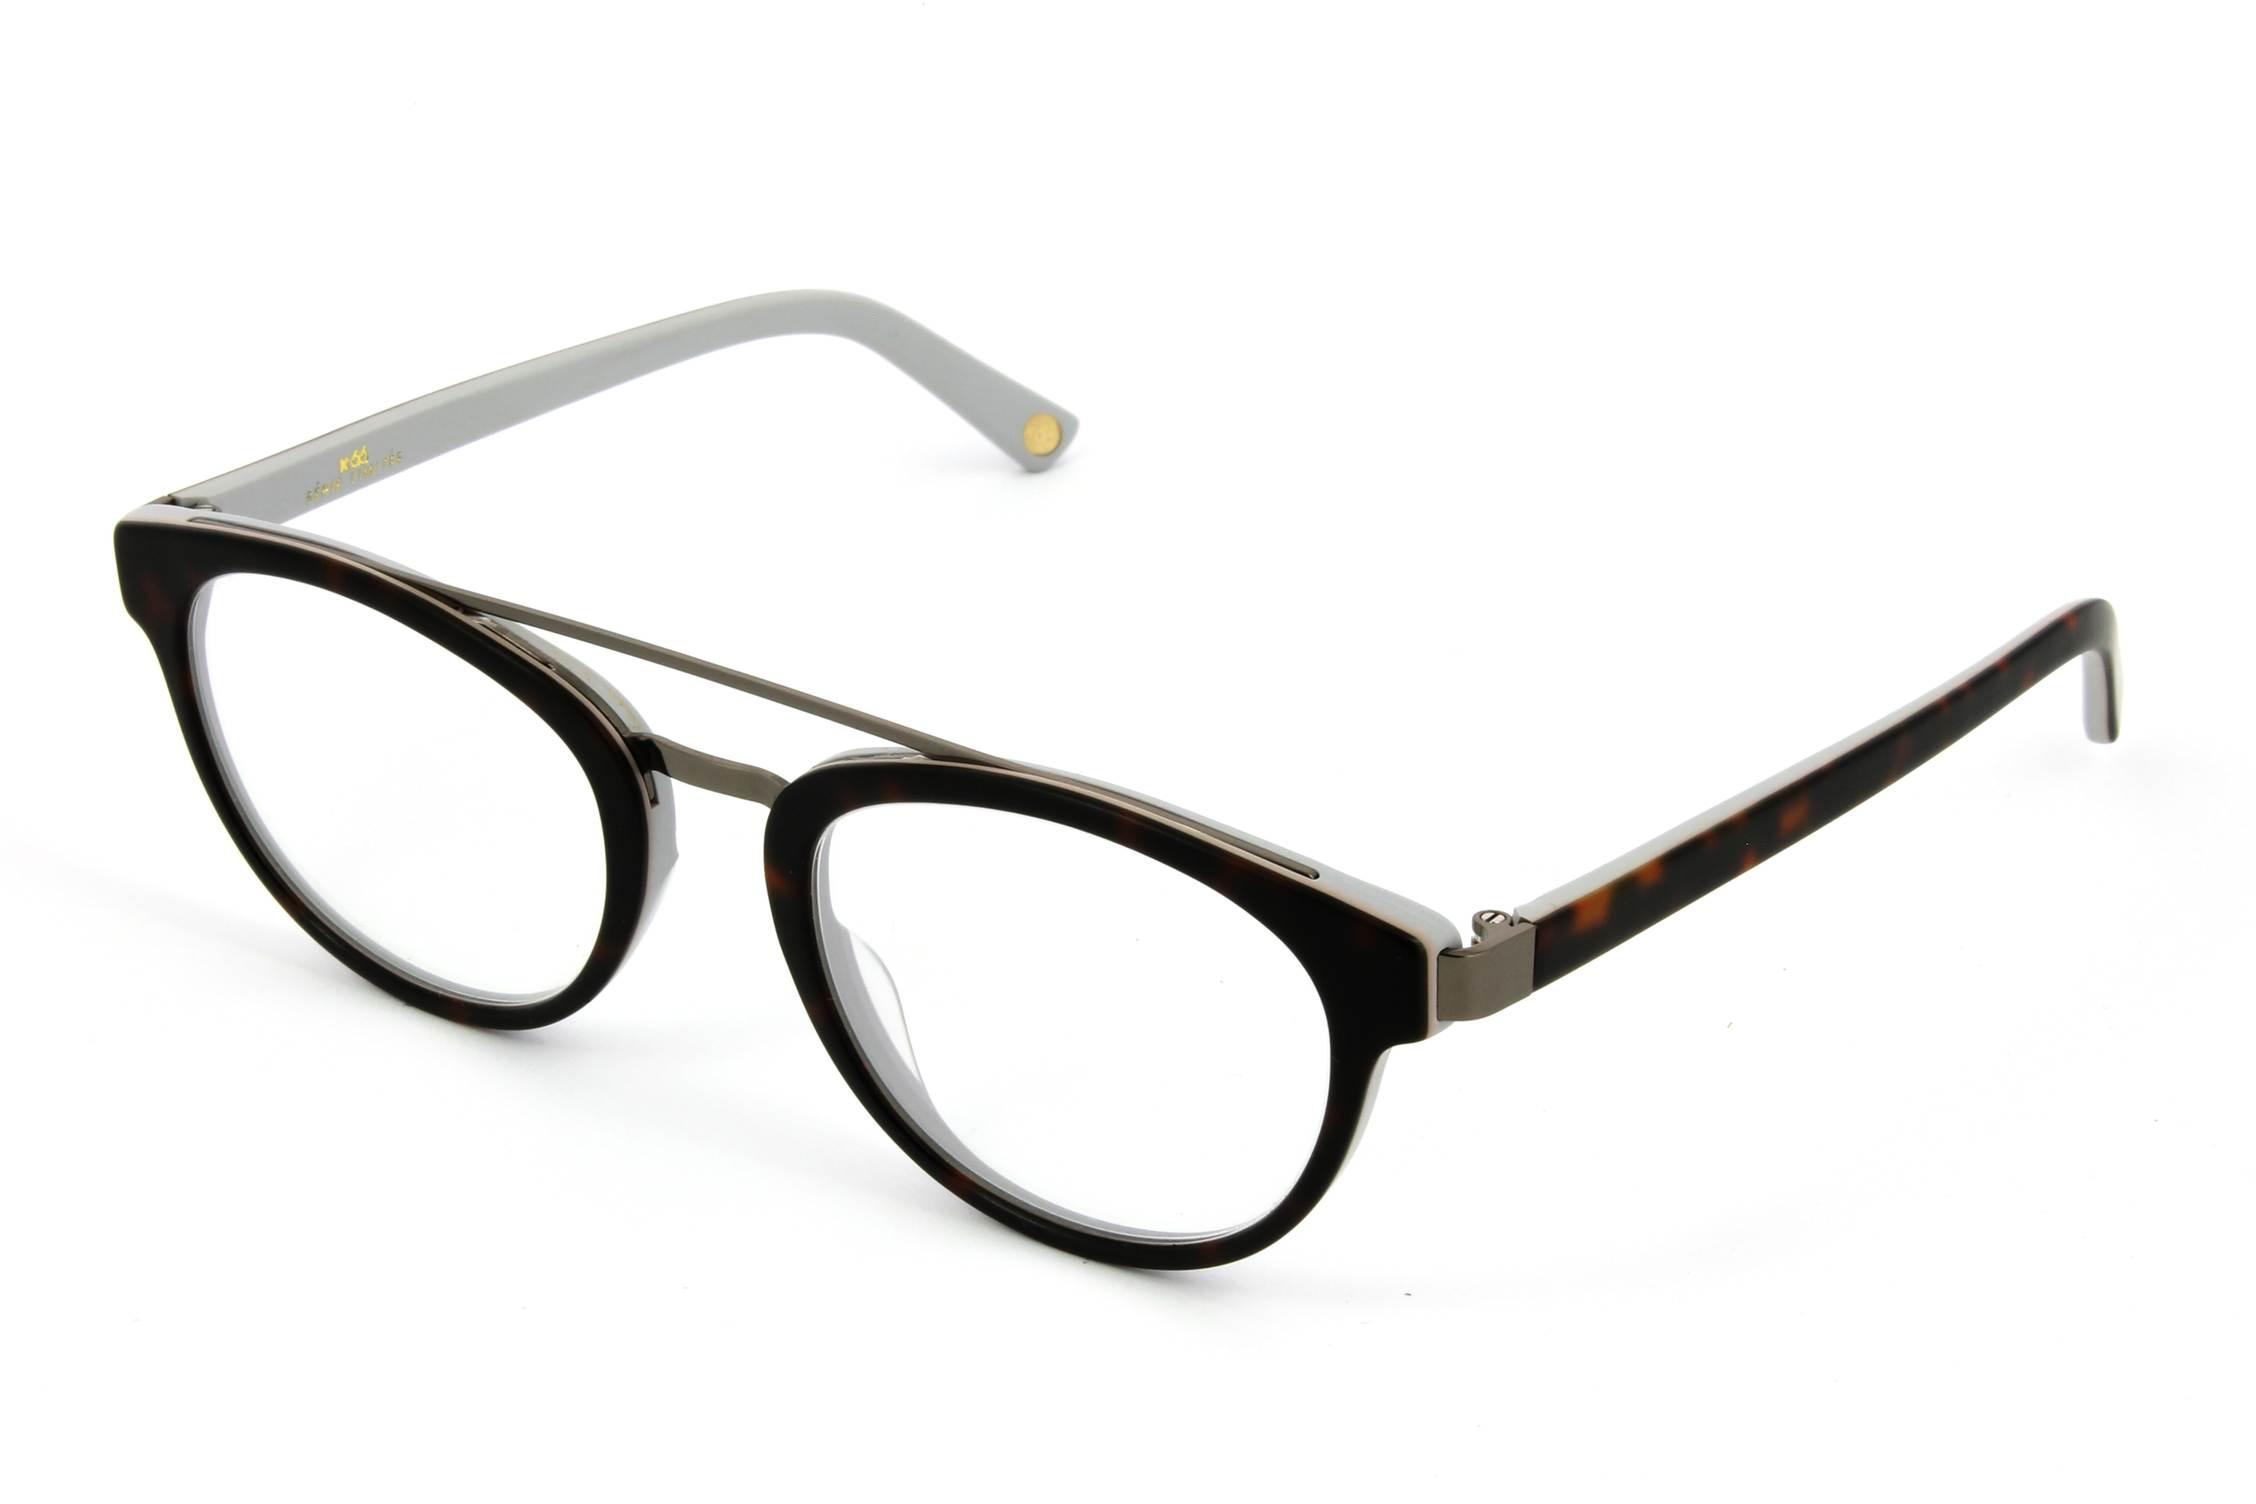 J'ai change pour les lunettes en ligne